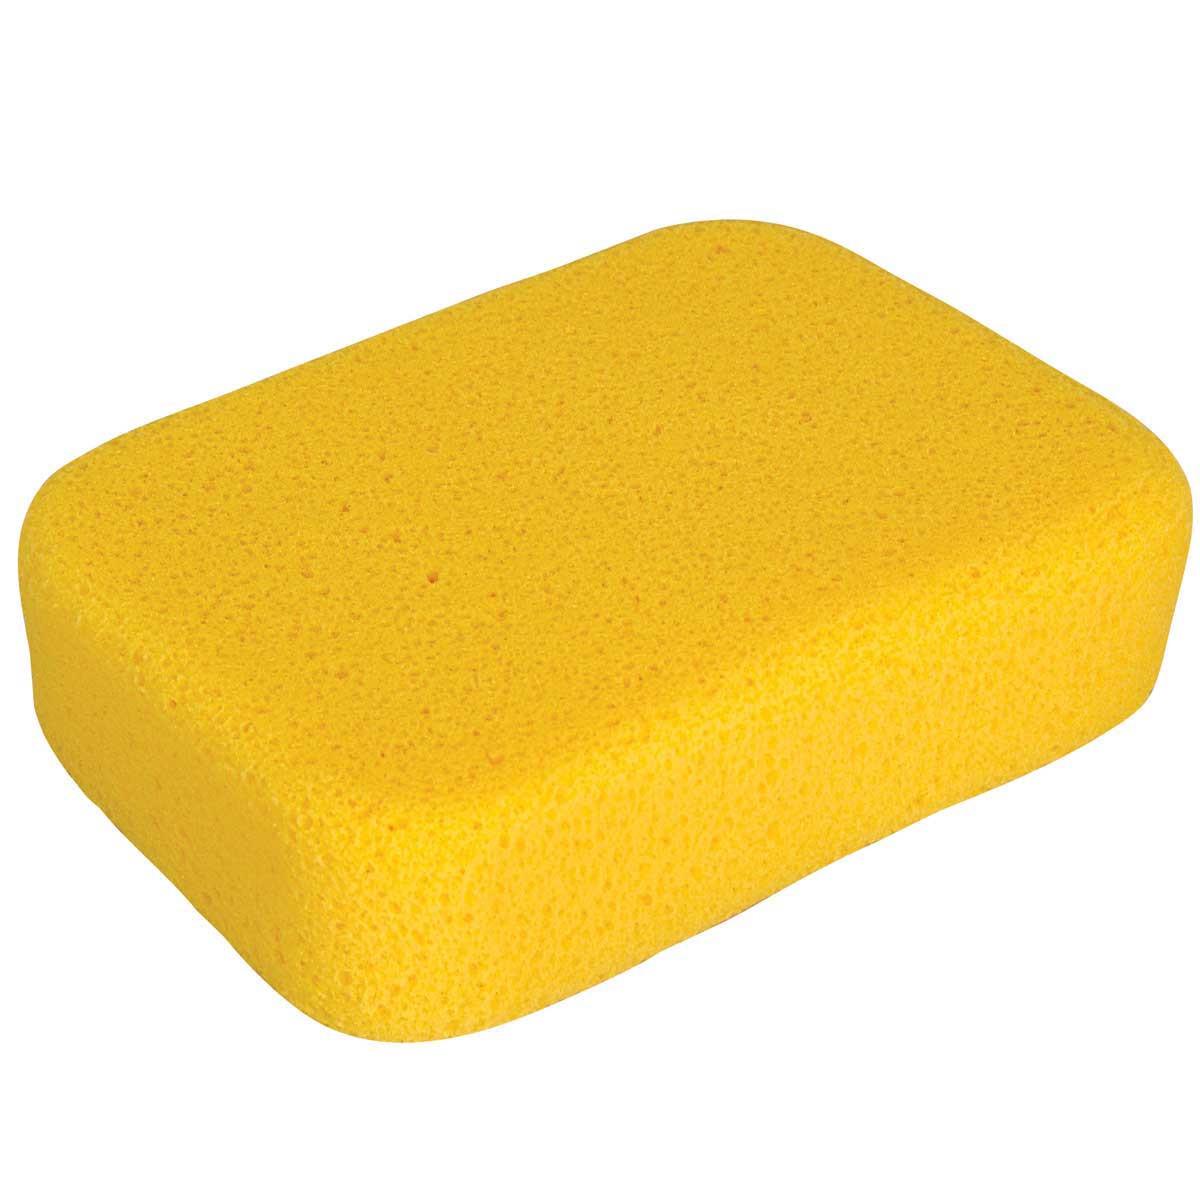 XL Hydro Tile Grout Sponge